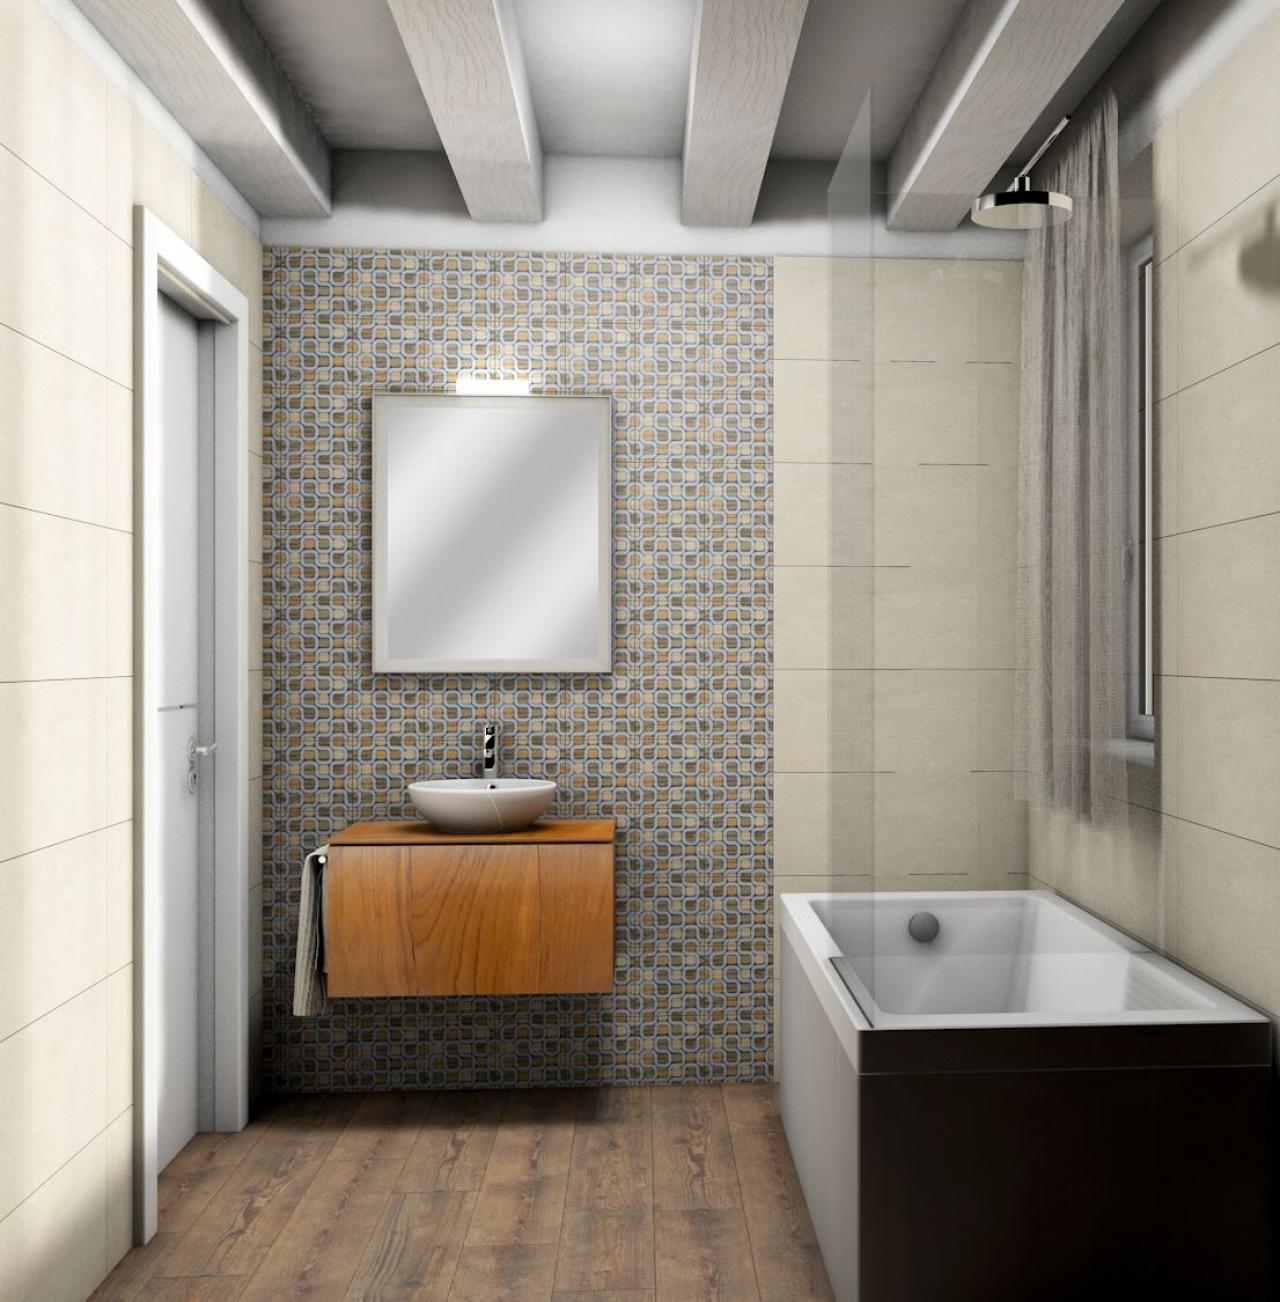 Rimodernare bagno rimodernare bagno latest coprire le piastrelle del bagno with with - Coprire le piastrelle della cucina ...